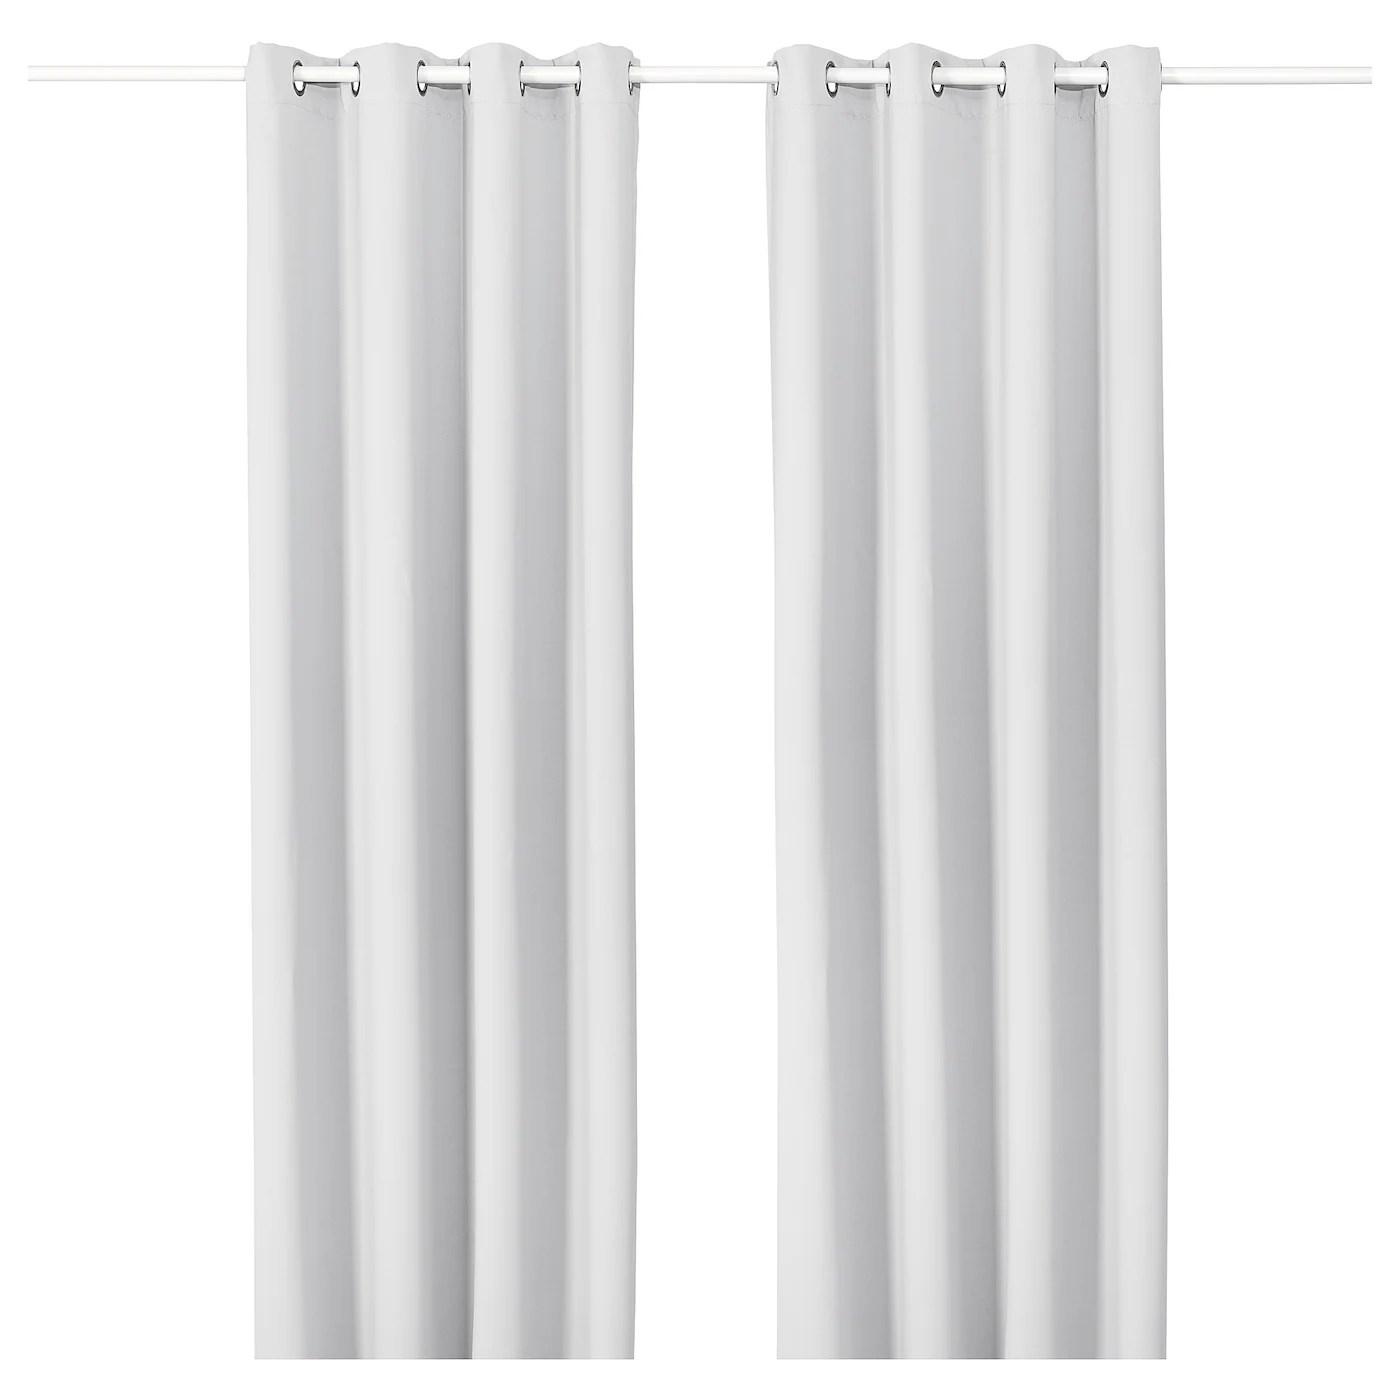 majgull rideaux 2 pieces avec oeillets gris clair 145x300 cm